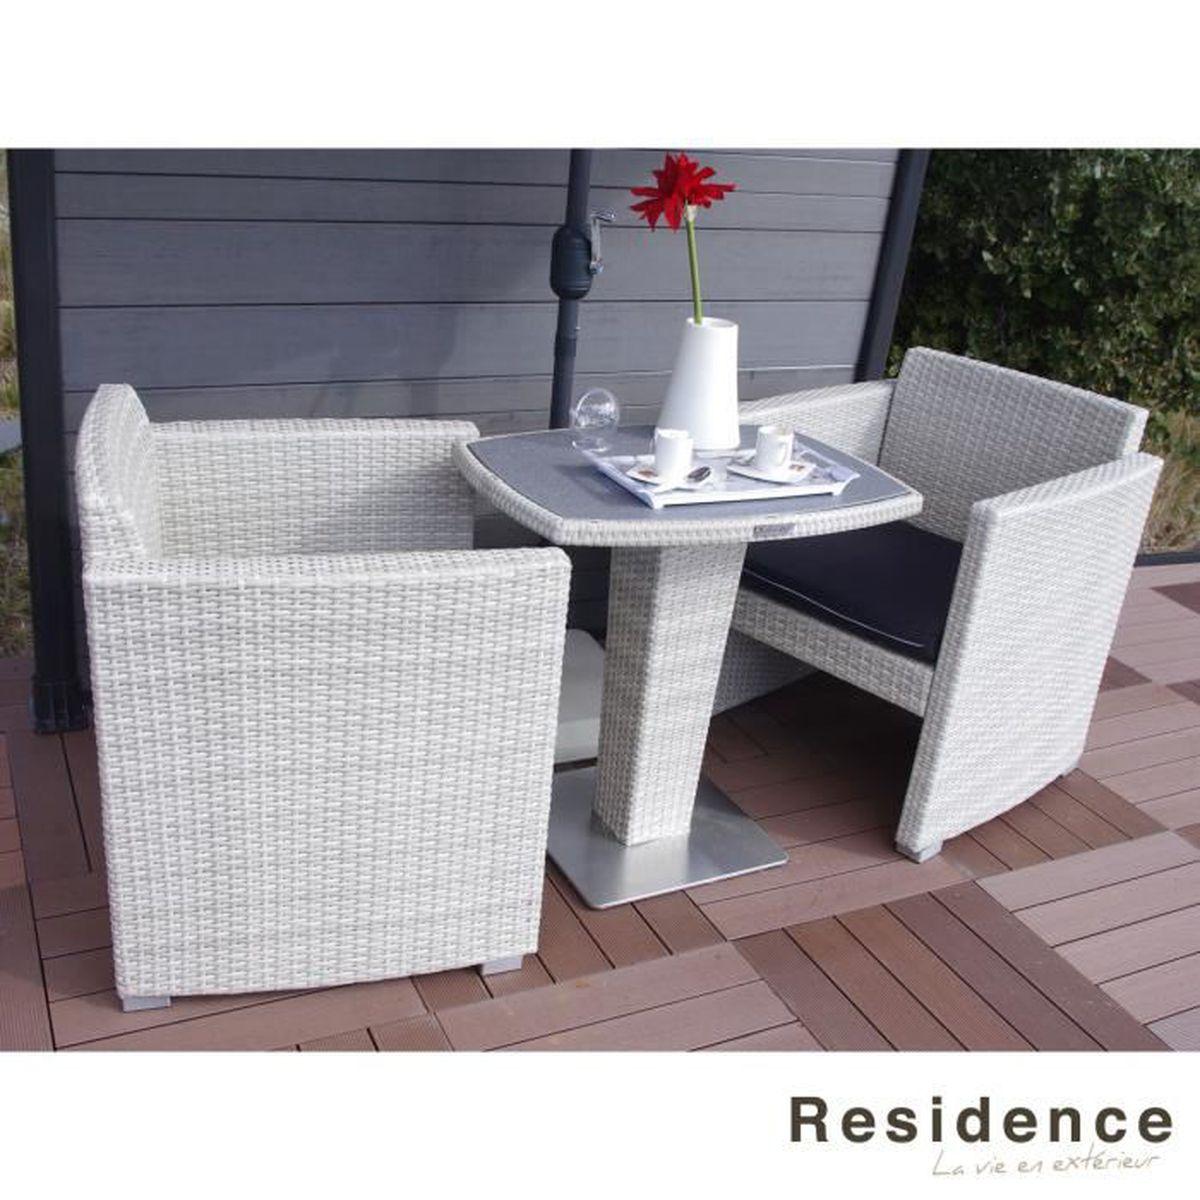 Table Pour Balcon Étroit salon de jardin pour balcon etroit - the best undercut ponytail